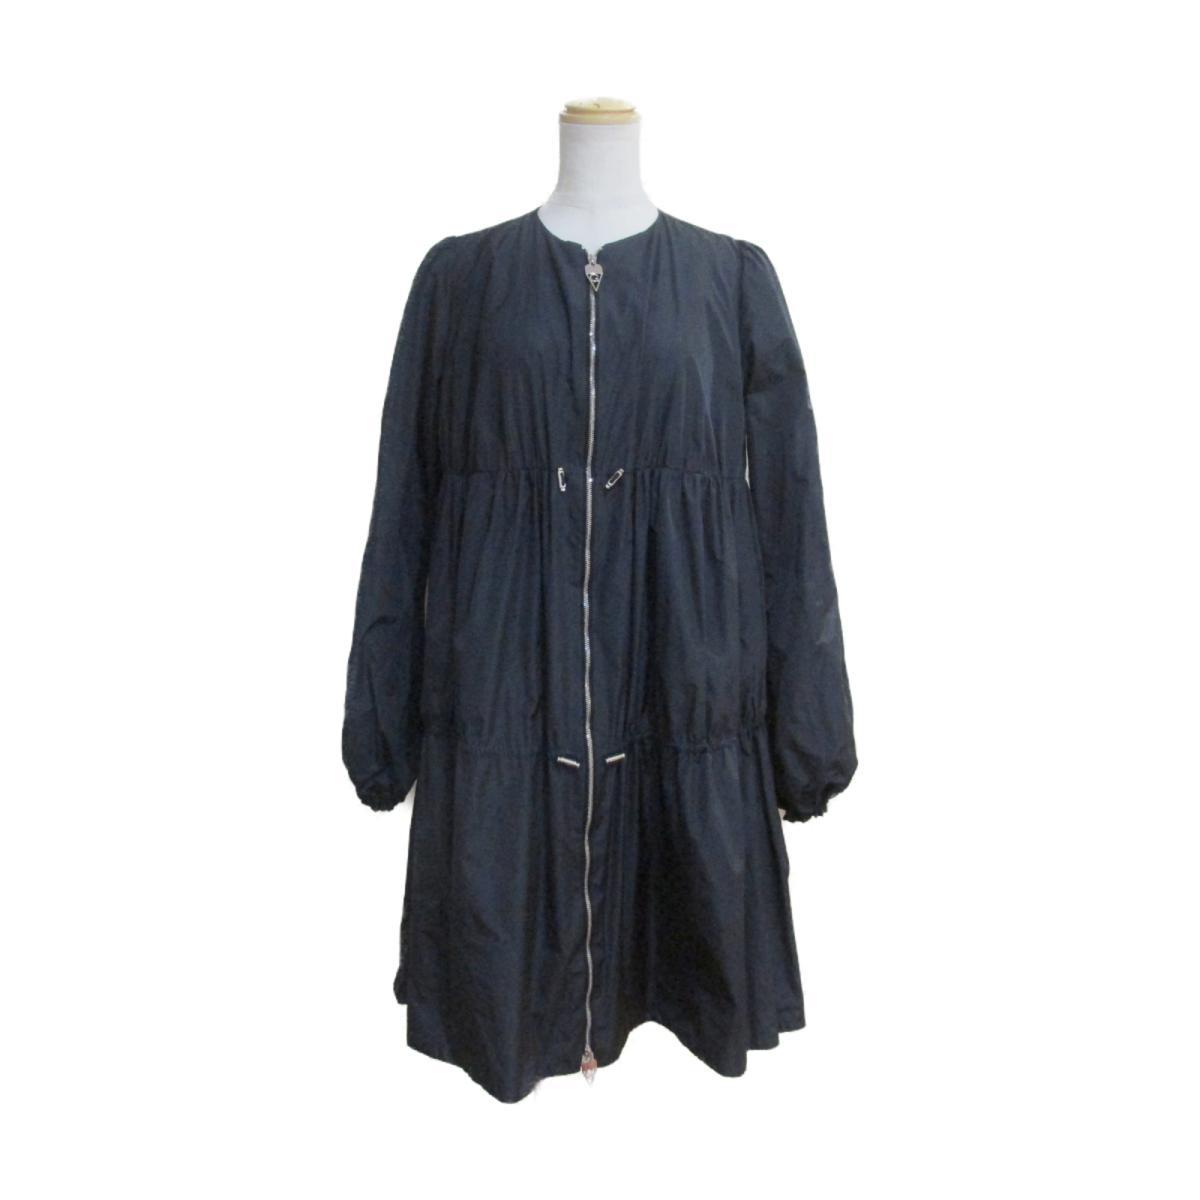 【中古】 ジャンバティスタ・ヴァリ コート レディース 100%ポリエステル ブラック | GIAMBATTISTA VALLI BRANDOFF ブランドオフ 衣料品 衣類 ブランド アウター ジャケット